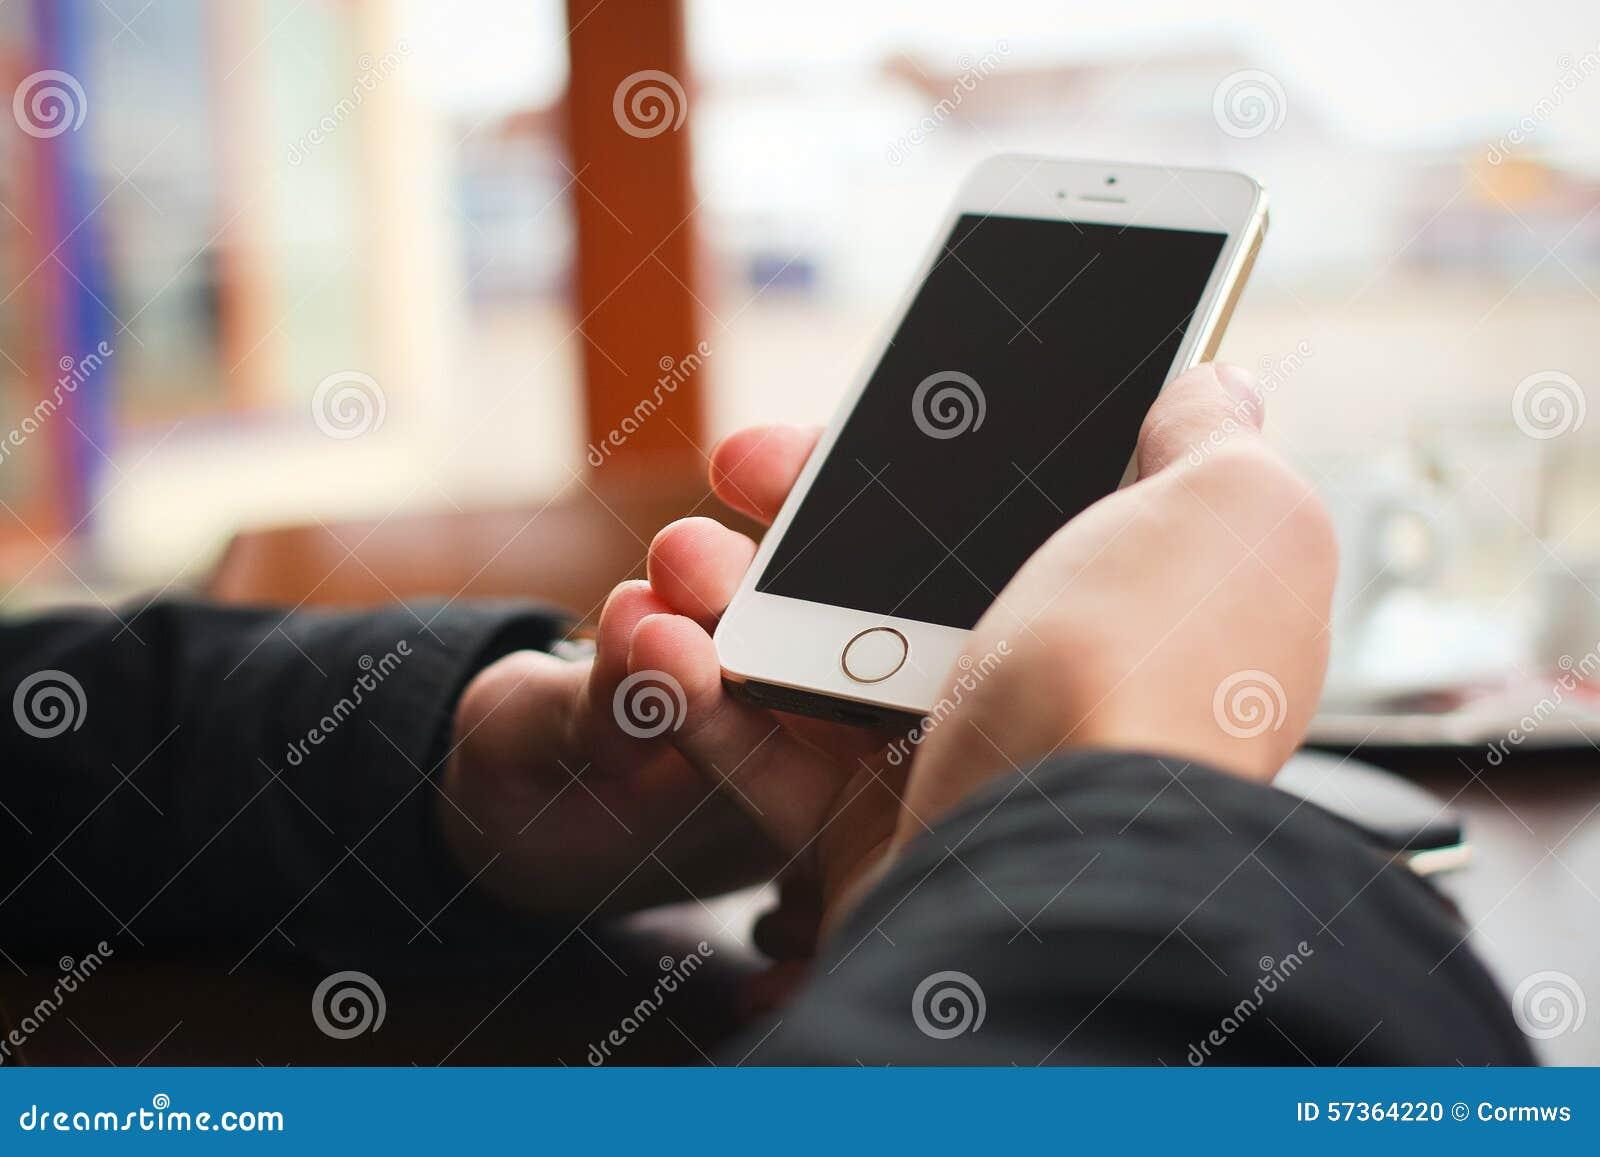 IPhone que es sostenido en una mano